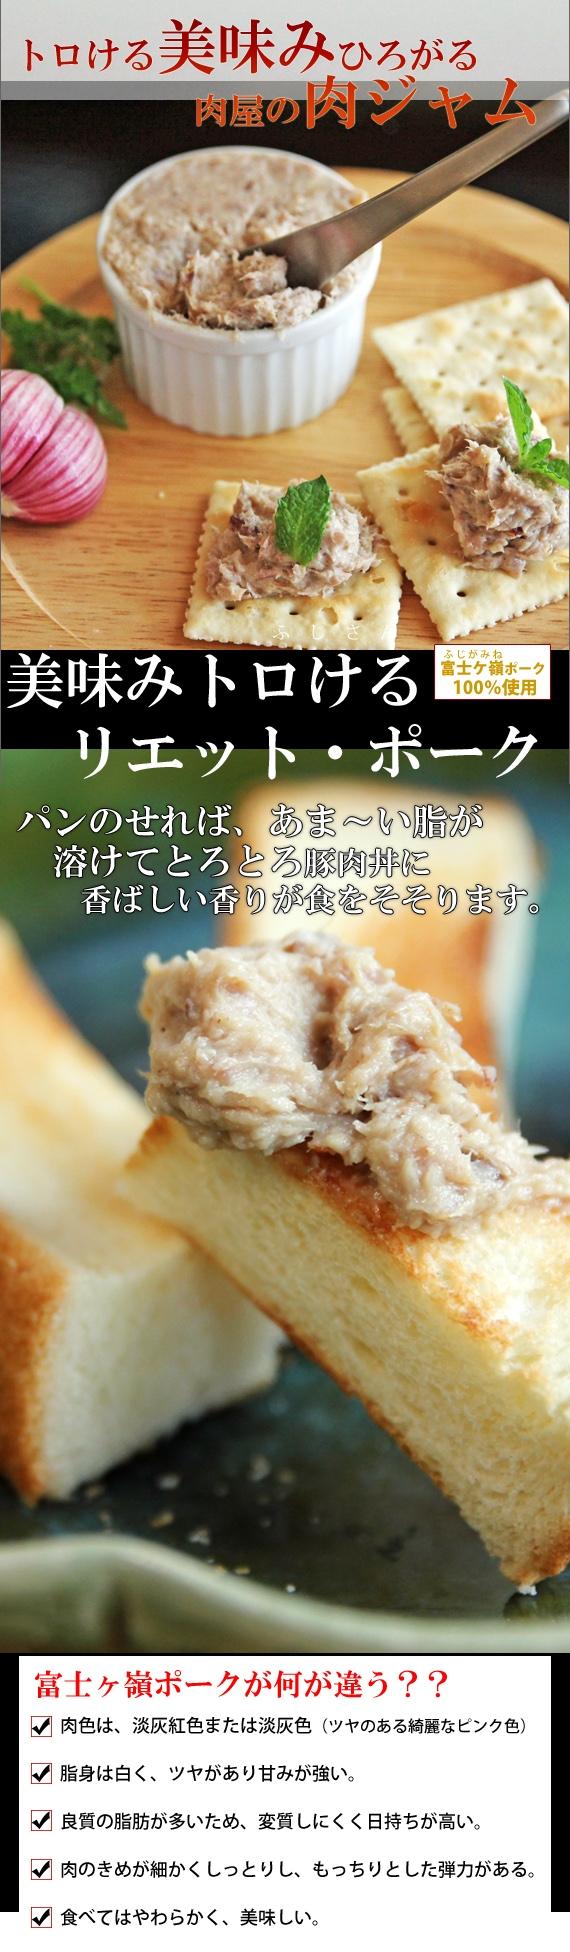 【お肉のジャム】ご飯やパンにサッとのせて♪美味みトロけるポークリエット☆【お中元2020】【精肉・肉加工品】